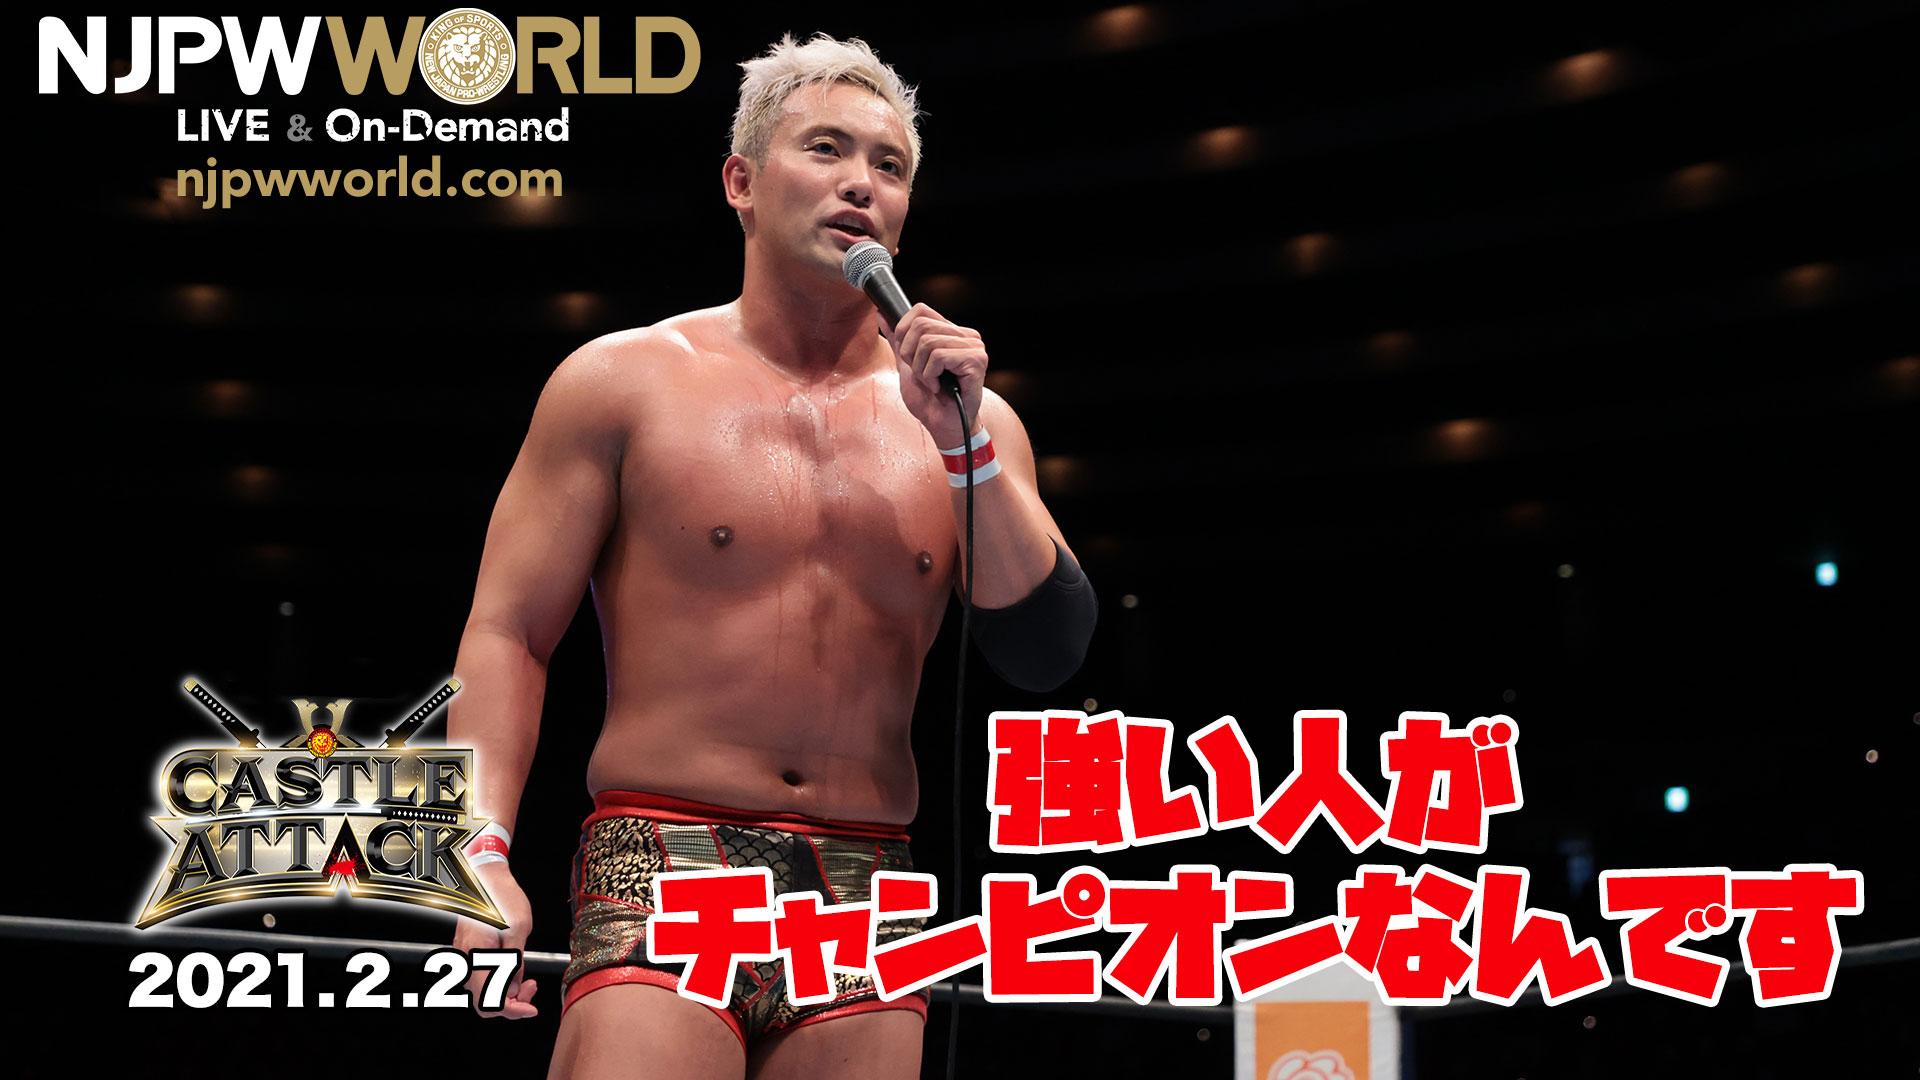 オカダ「強い人がチャンピオンなんです」『NEW JAPAN CUP 2021』優勝 & 王座戦線復帰を宣言!【2021年2月27日 CASTLE ATTACK】<スポナビ>